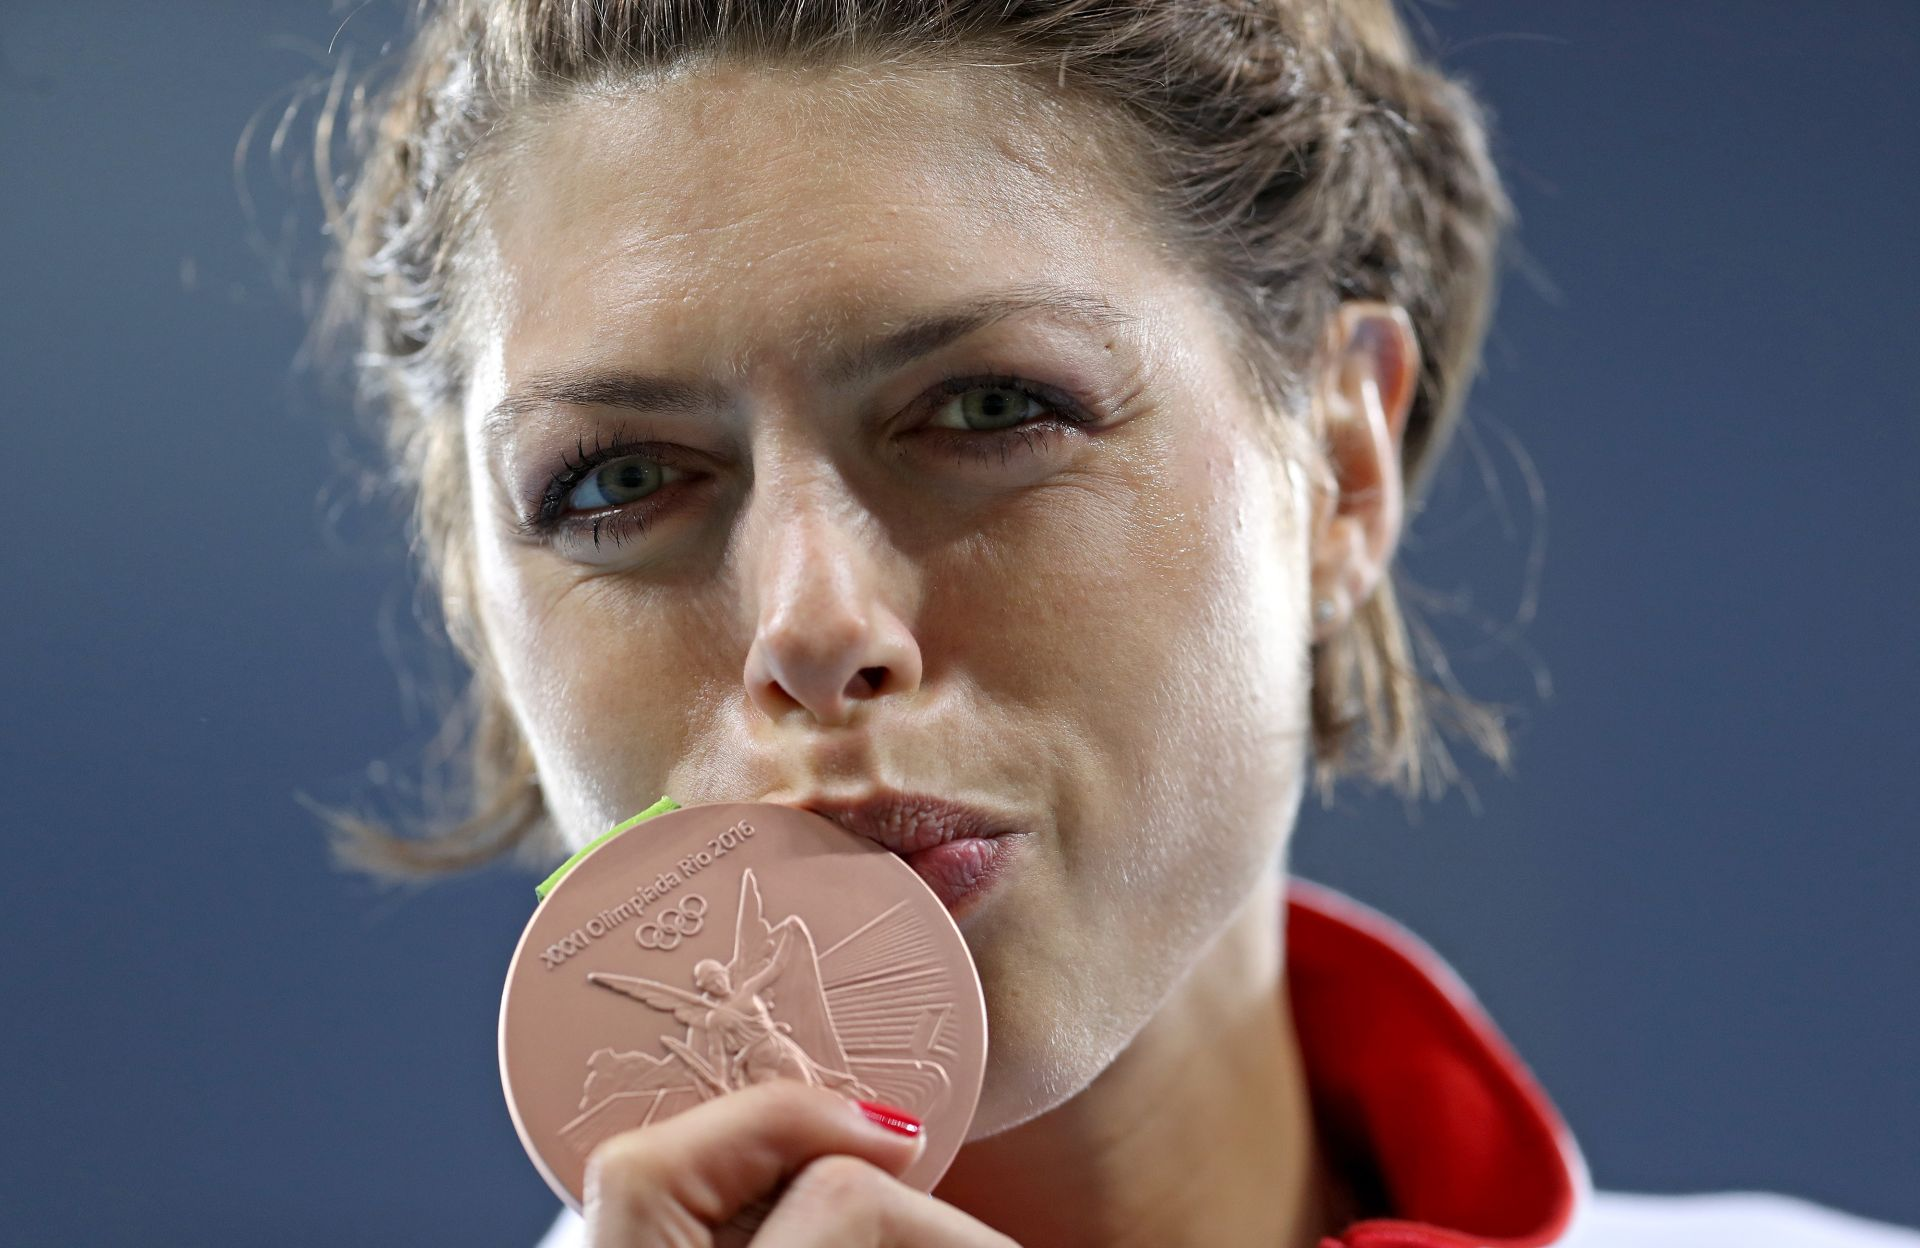 """BLANKA NAKON BRONCE """"Ovo je moja medalja za hrabrost, moja najbolnija medalja"""""""